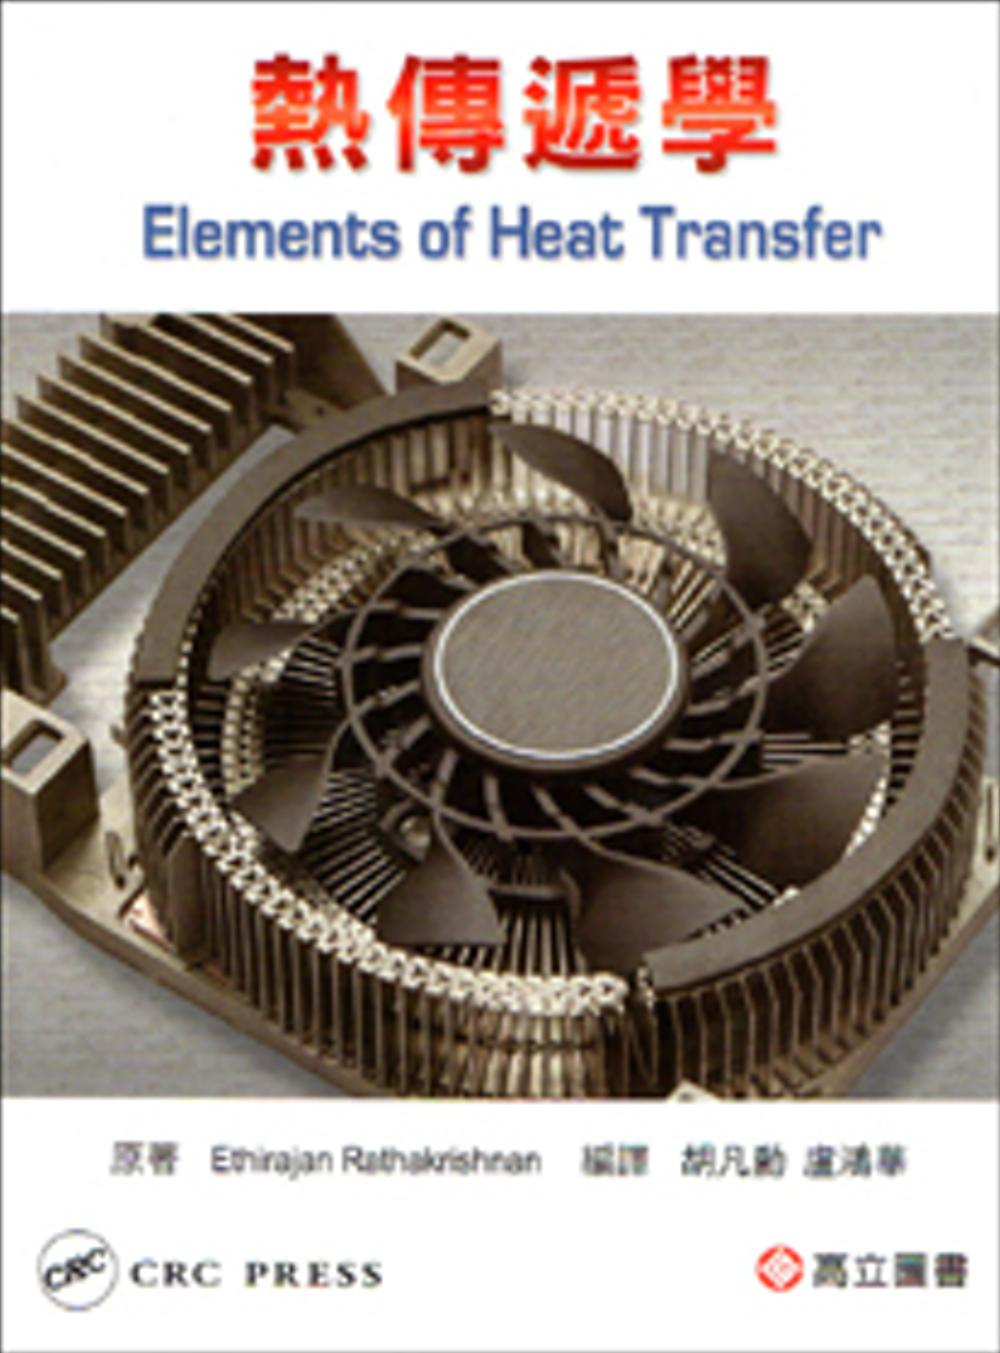 熱傳遞學 (Rathakrishnan: Elements of Heat Transfer)